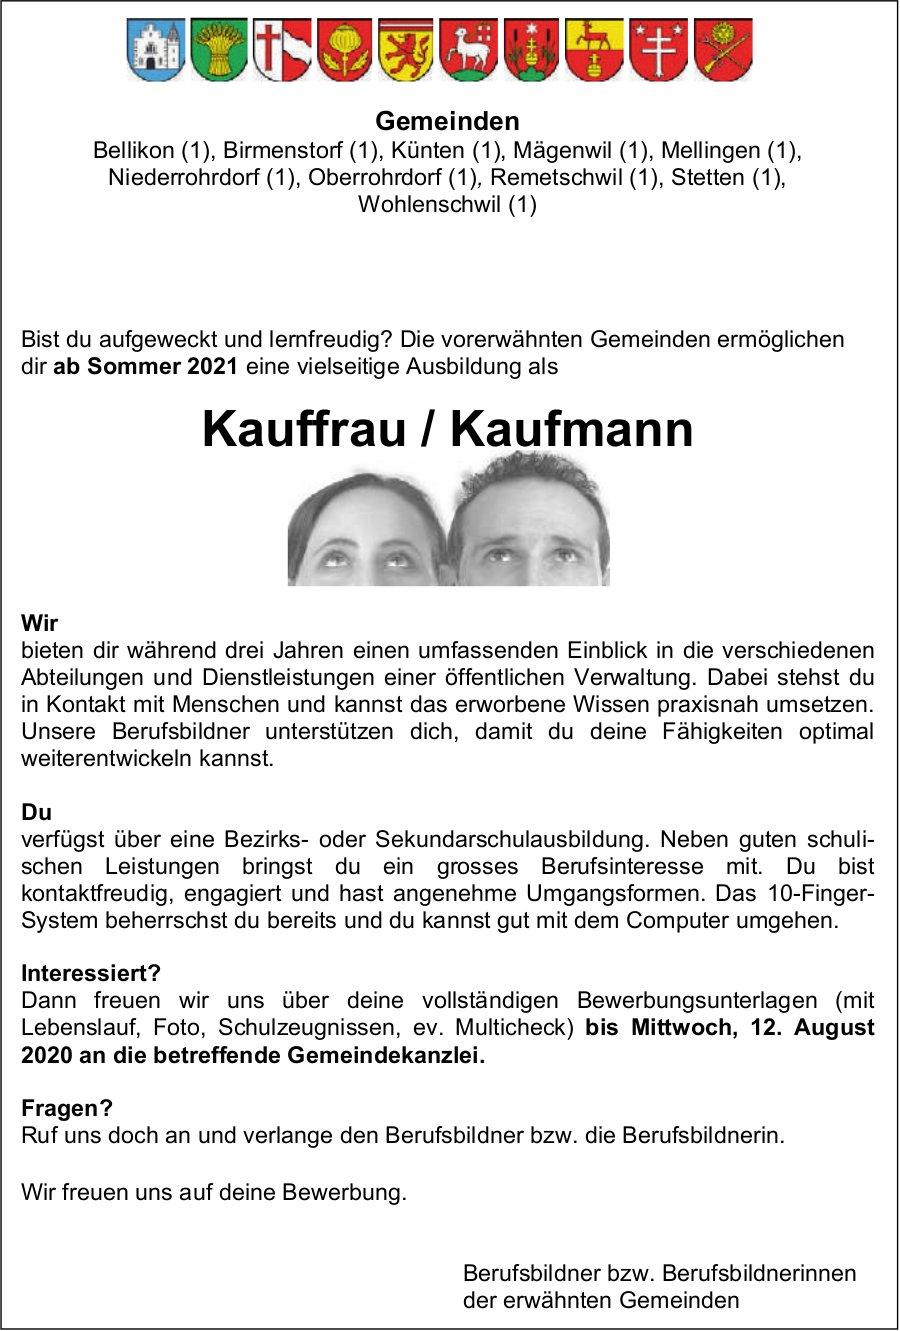 Lehrstelle 2020, Kauffrau / Kaufmann, Bellikon,  zu vergeben